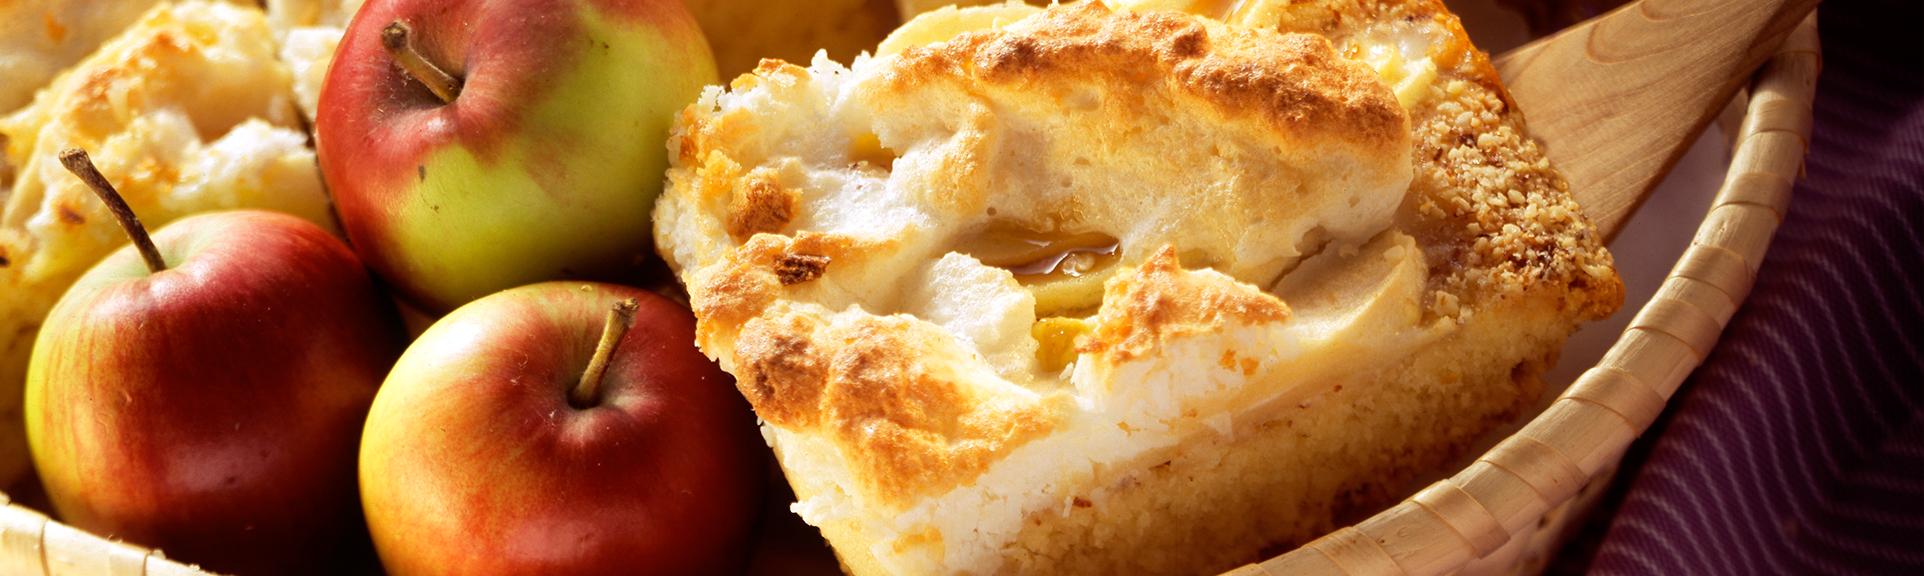 Headerabbildung für das Rezept Apfelkuchen mit Kokosflocken und Baiserhaube